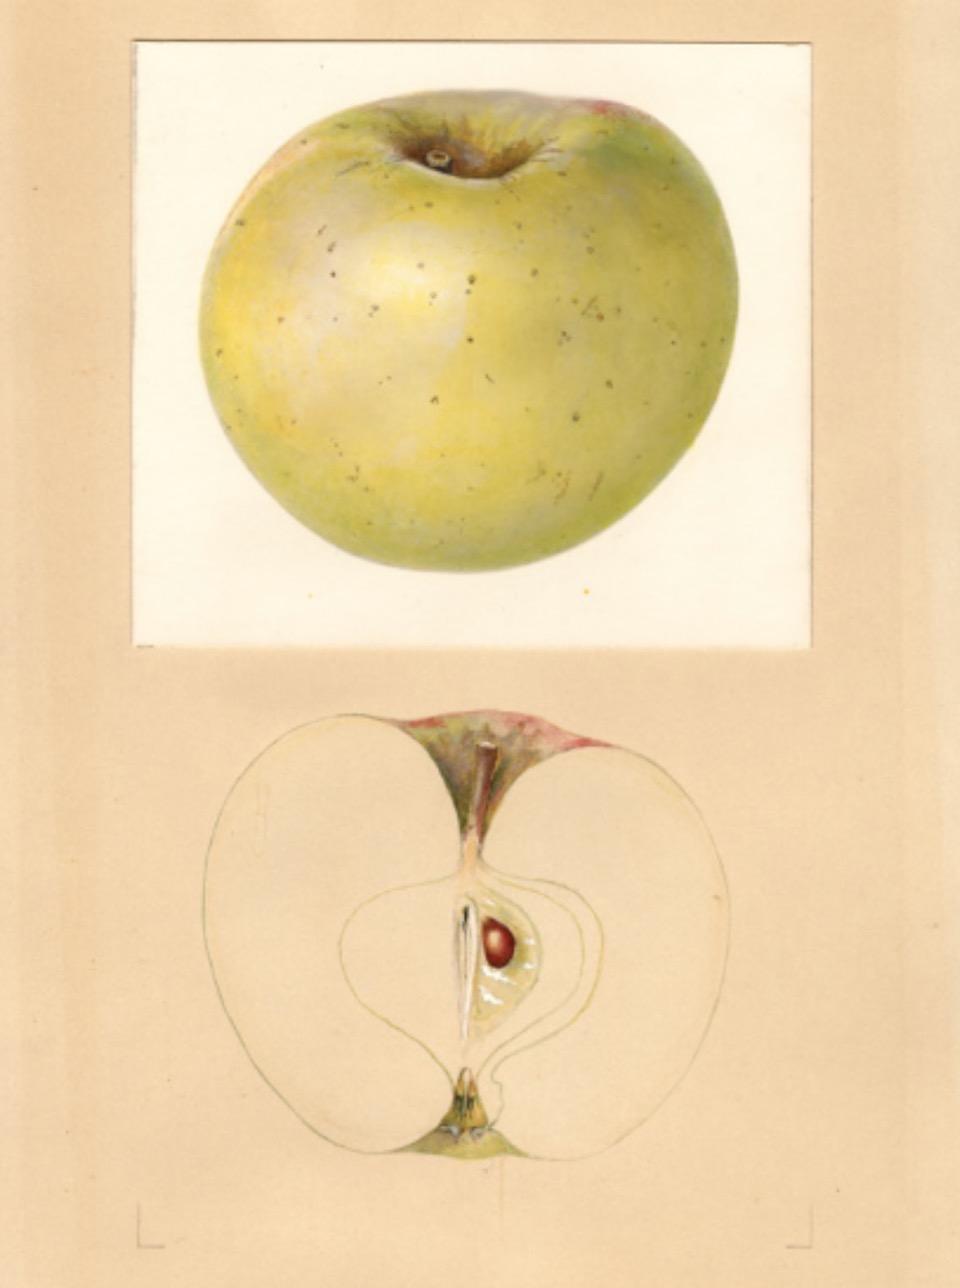 Historische Abbildung eines gelblich-grünnen und eines aufgeschnittenen Apfels; USDA